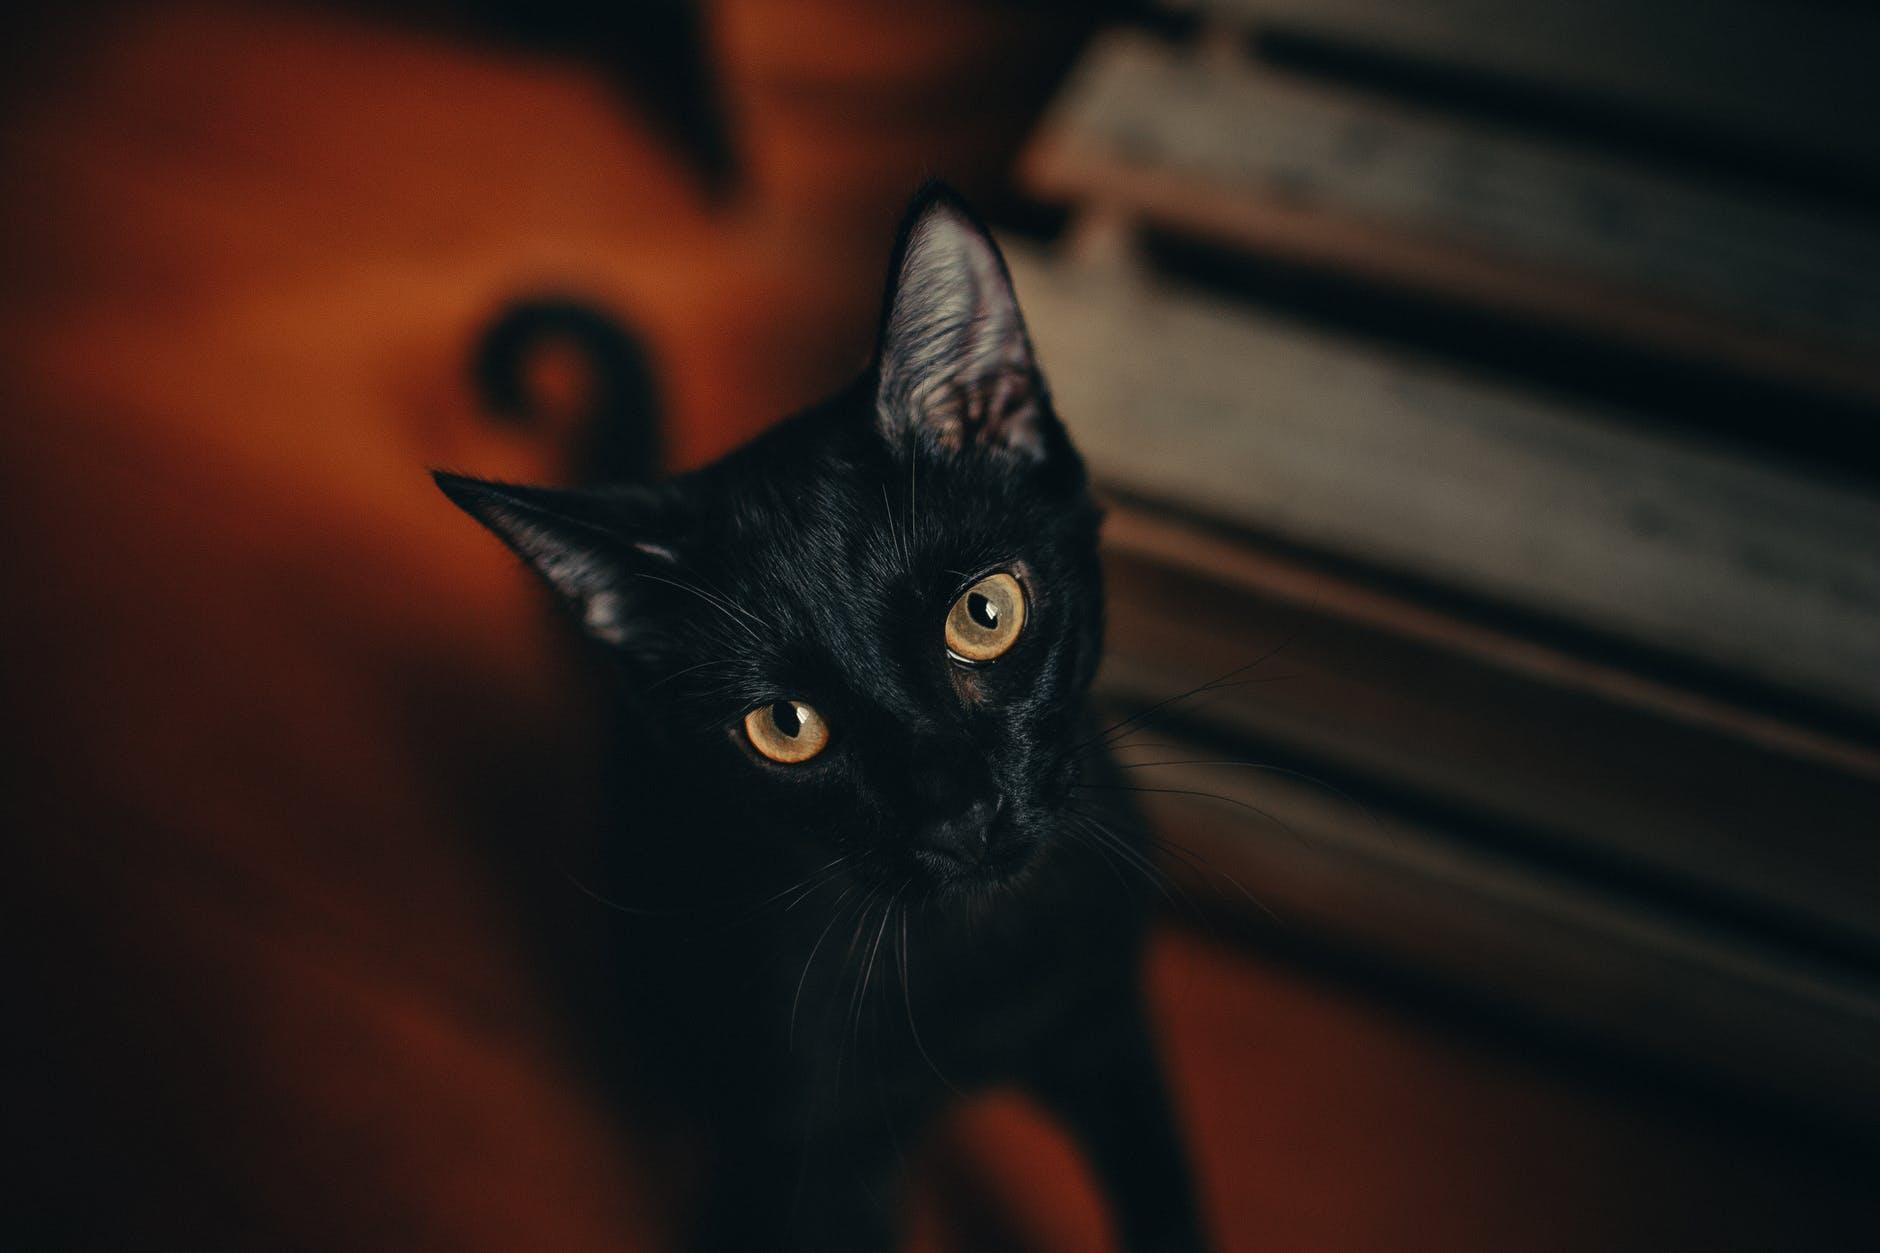 13 faits curieux sur les chats